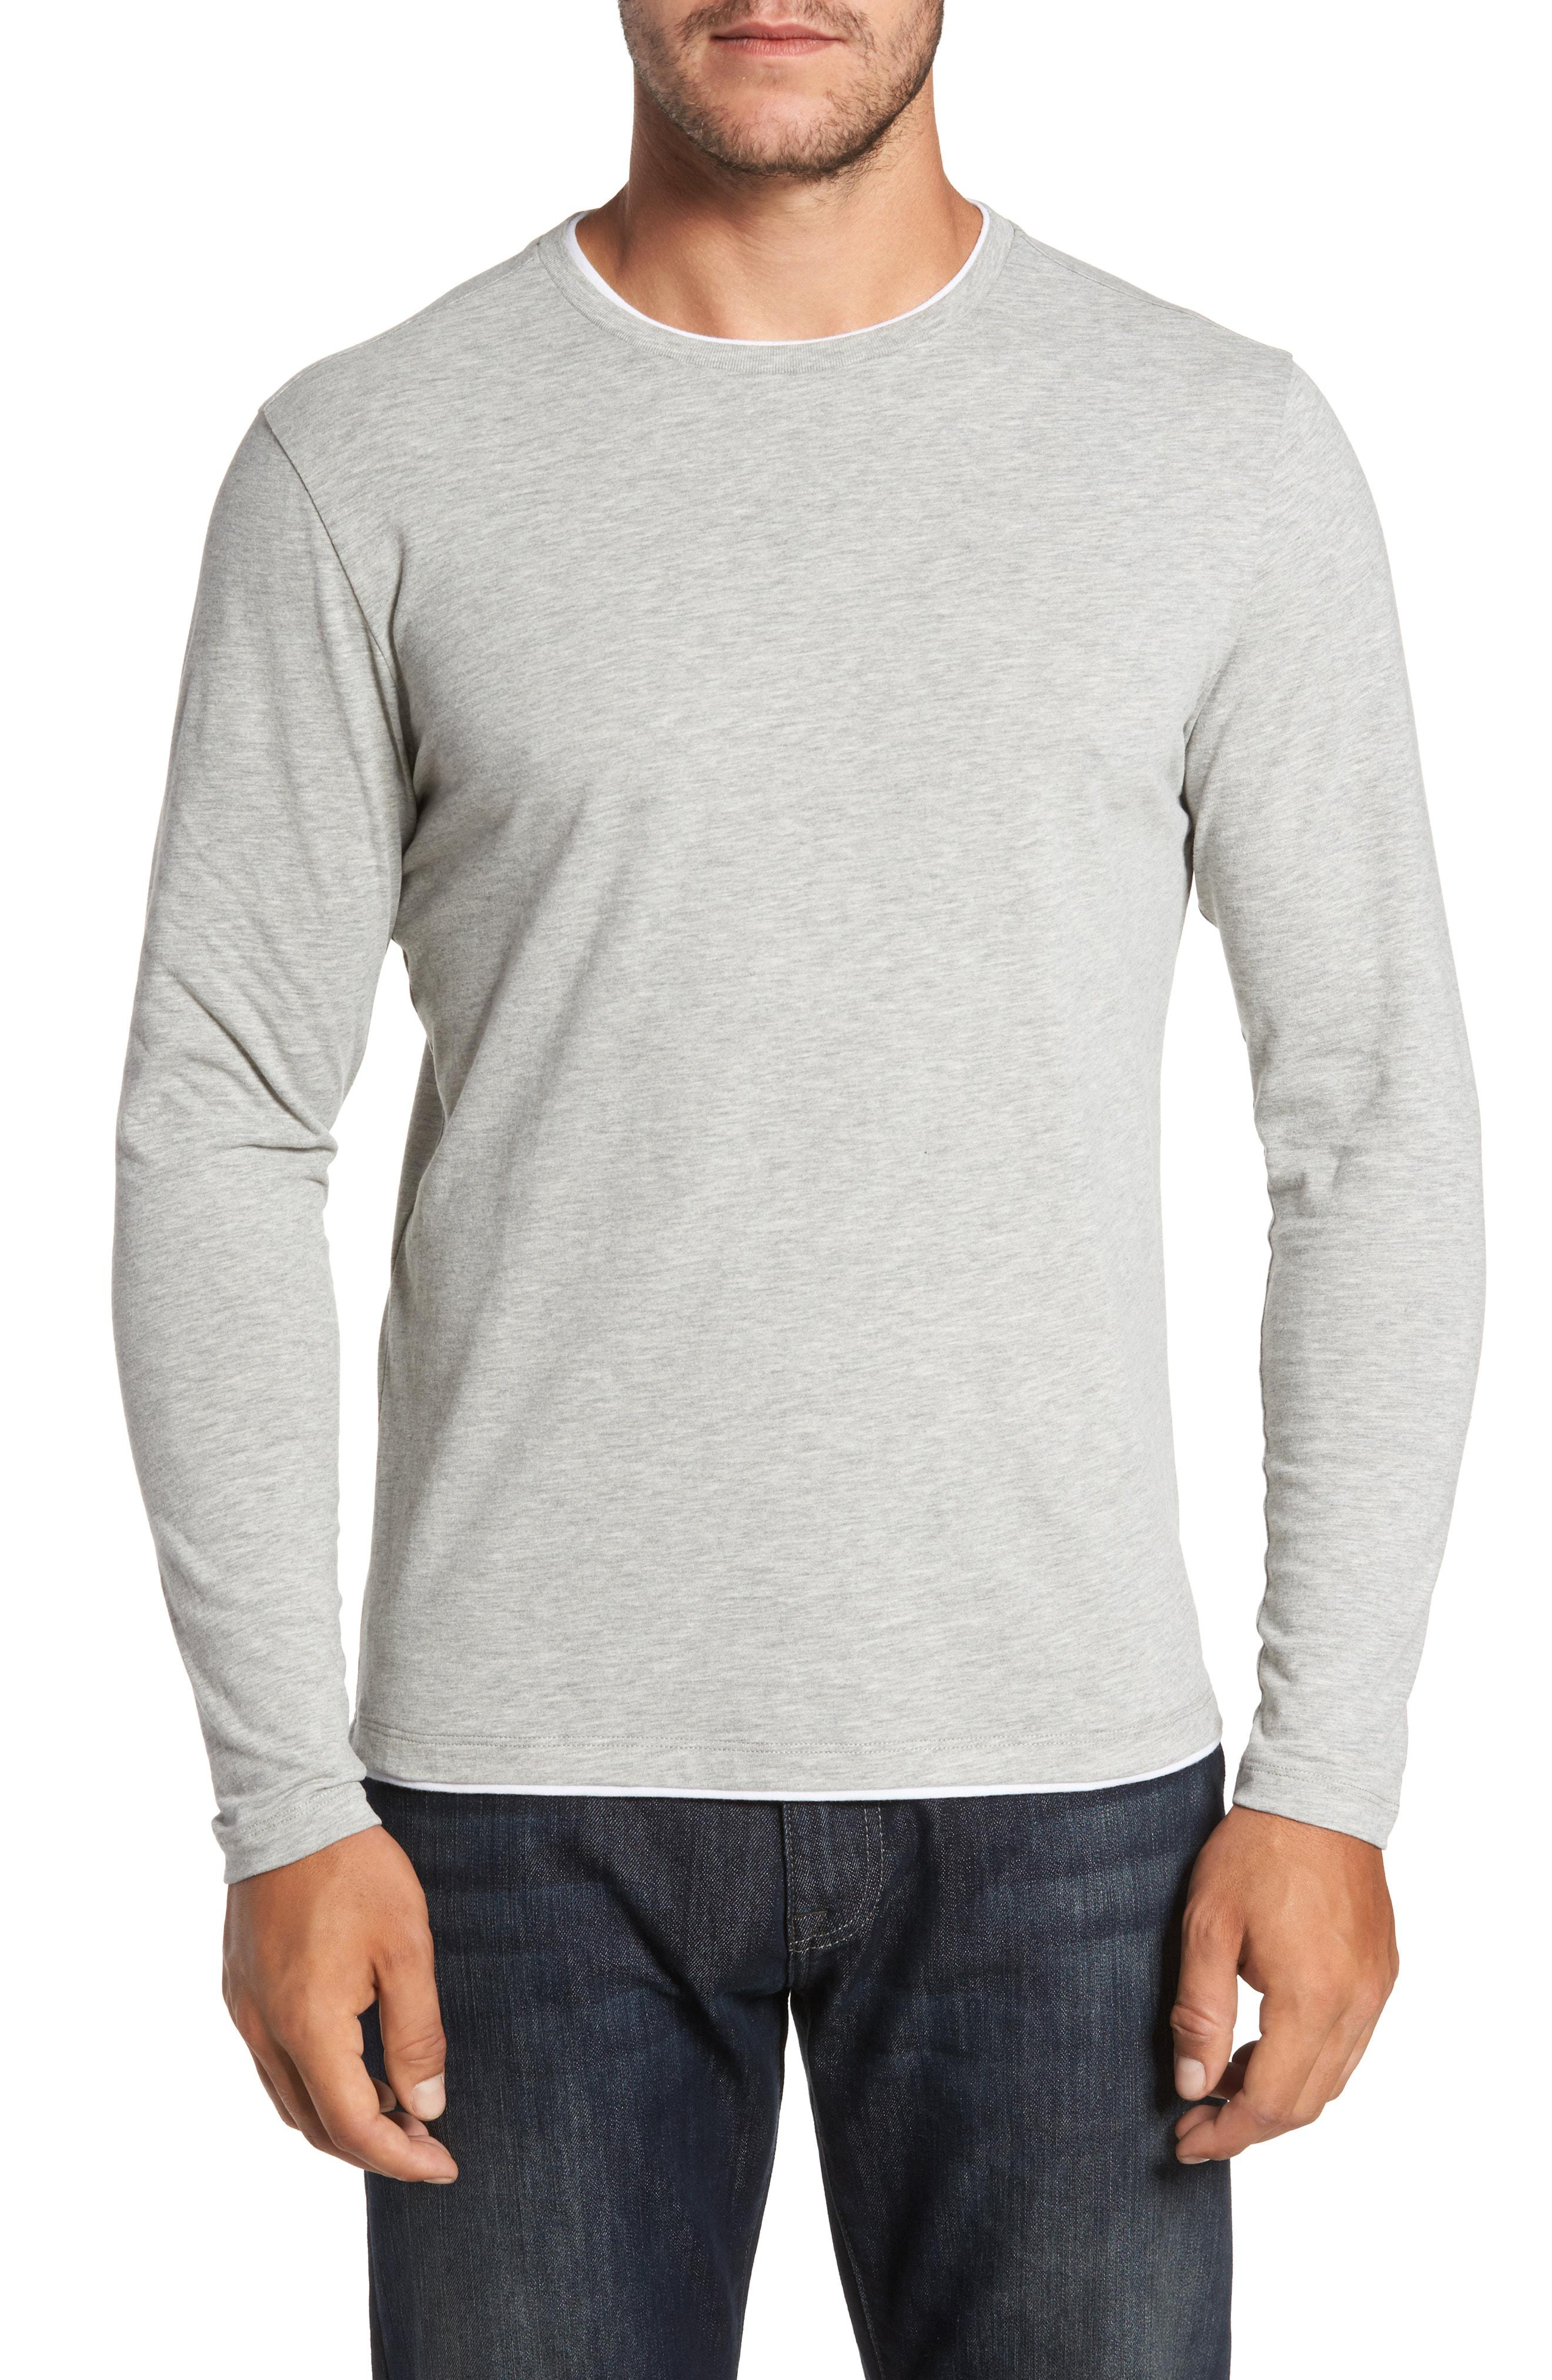 c3a0575e4343b2 Lyst - Robert Barakett Halifax Long Sleeve Crewneck T-shirt in Gray ...